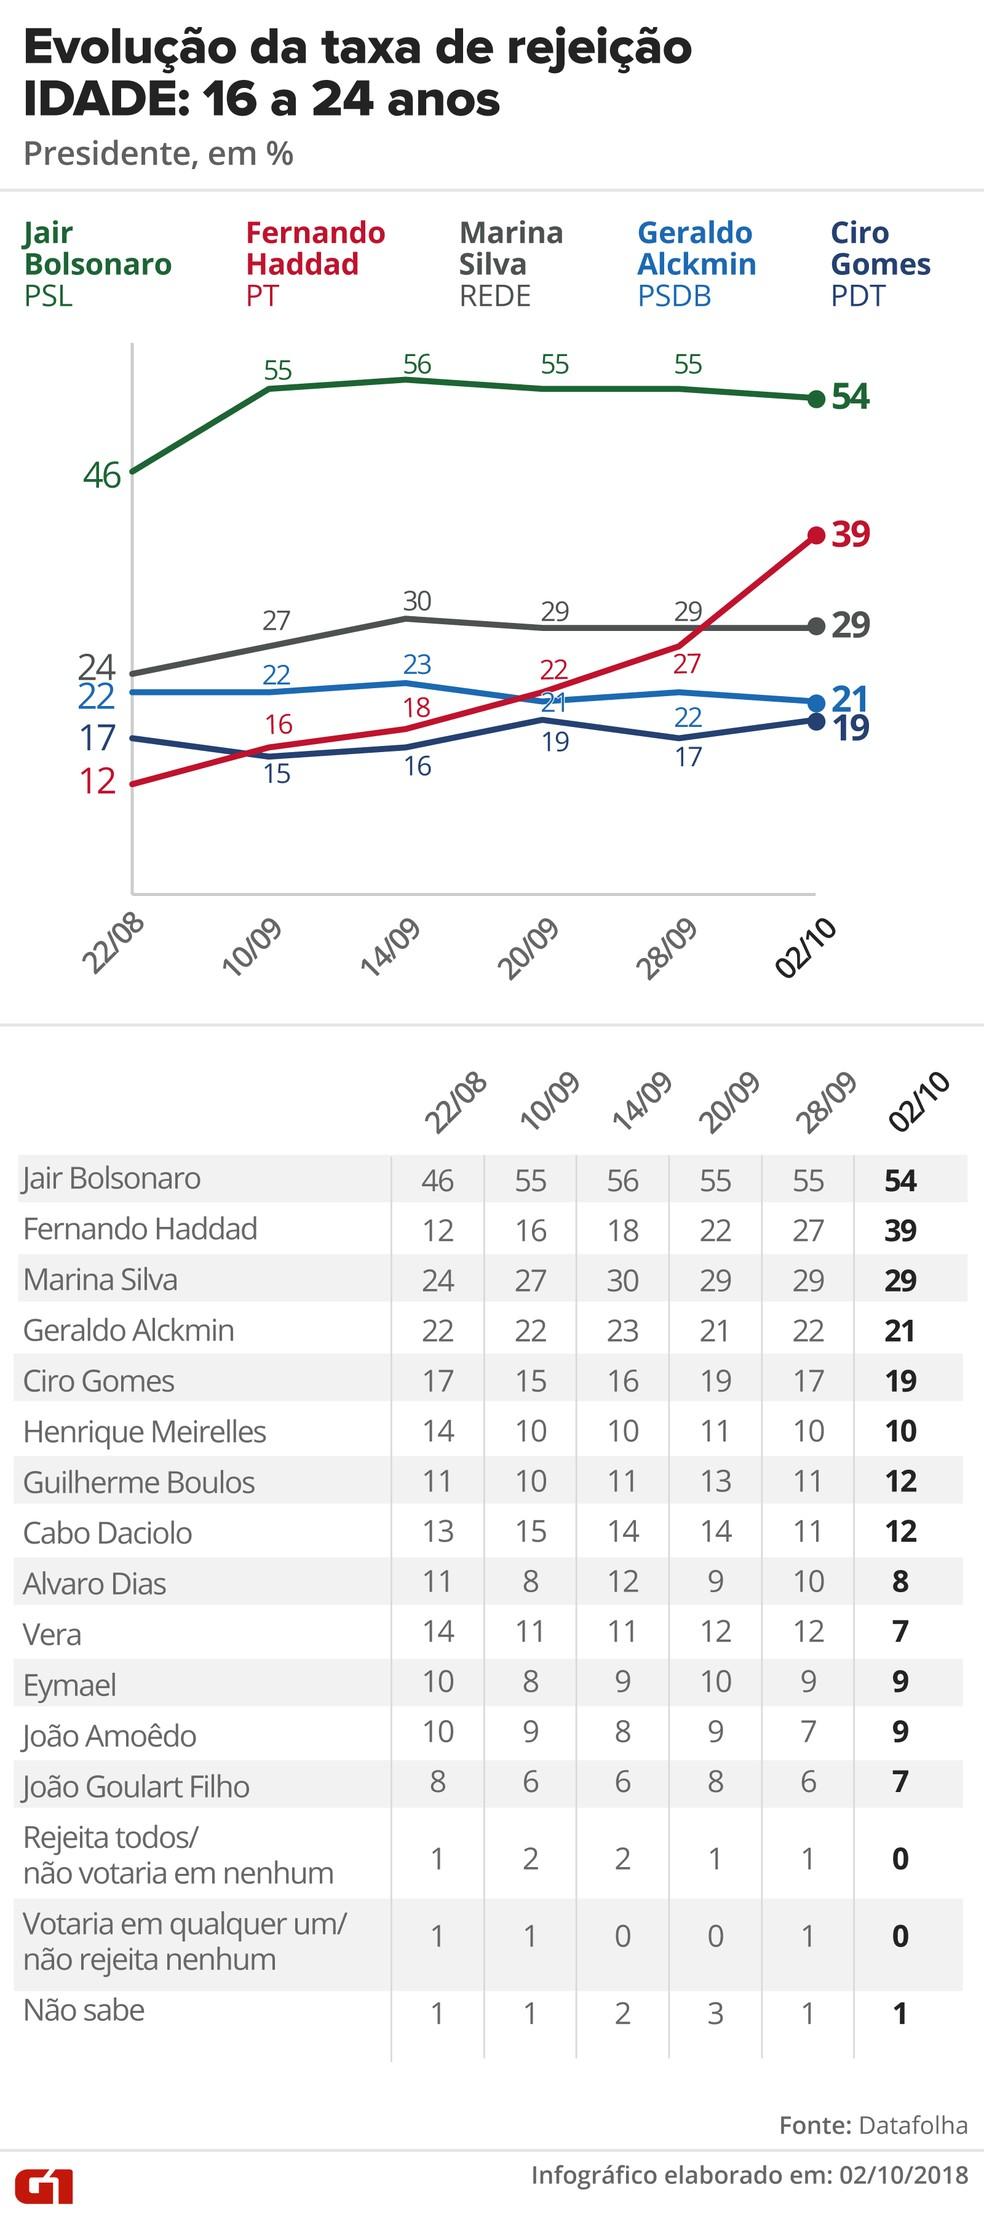 Pesquisa Datafolha, 2/10 para presidente - Rejeição - Idade: 16 a 24 anos — Foto: G1 Arte